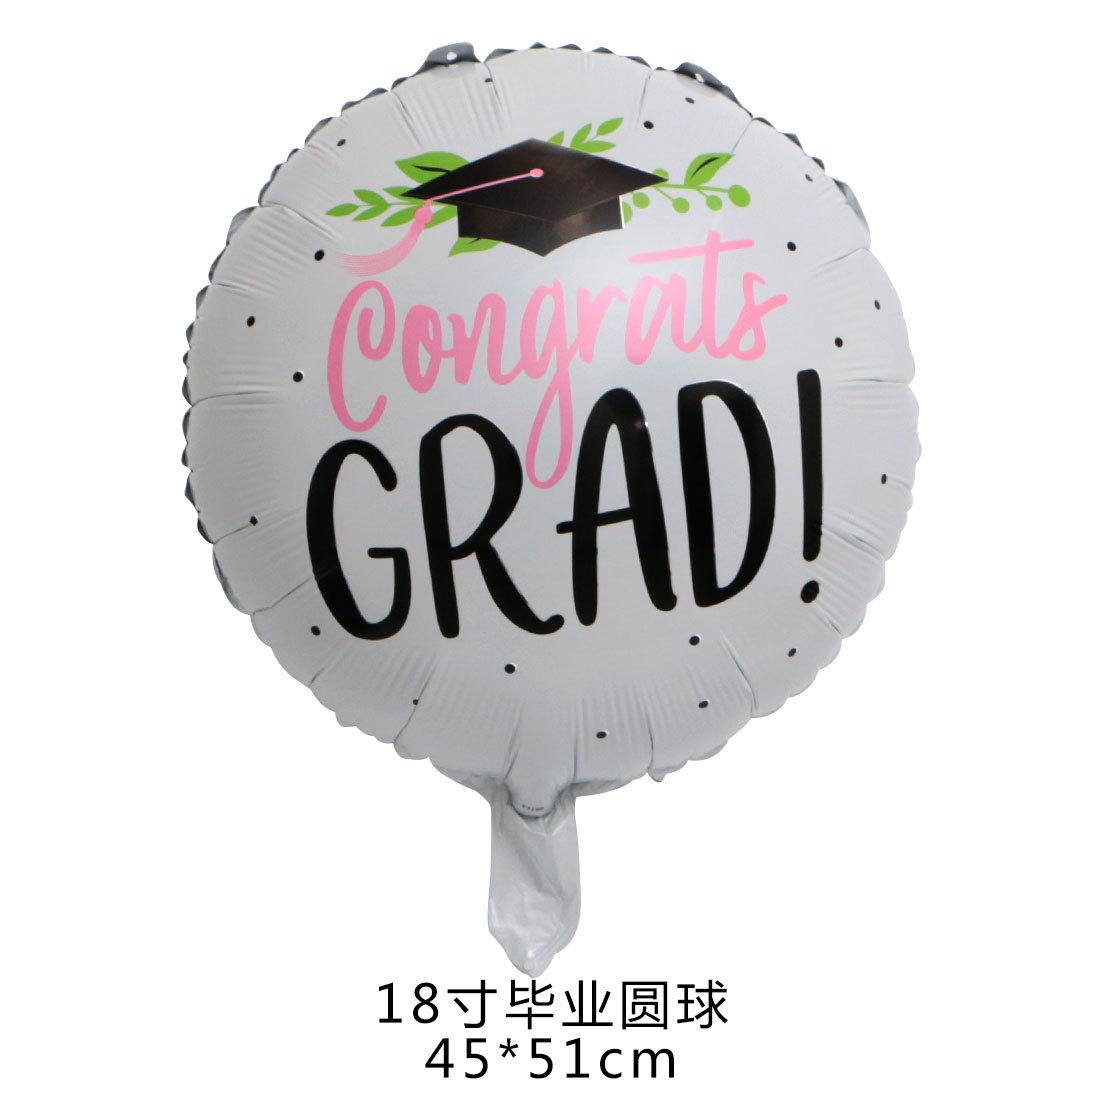 18 بوصة كرة التخرج اللغة الغربية جولة بالون الألومنيوم السينمائي حفل التخرج الديكور بالون حفل التخرج